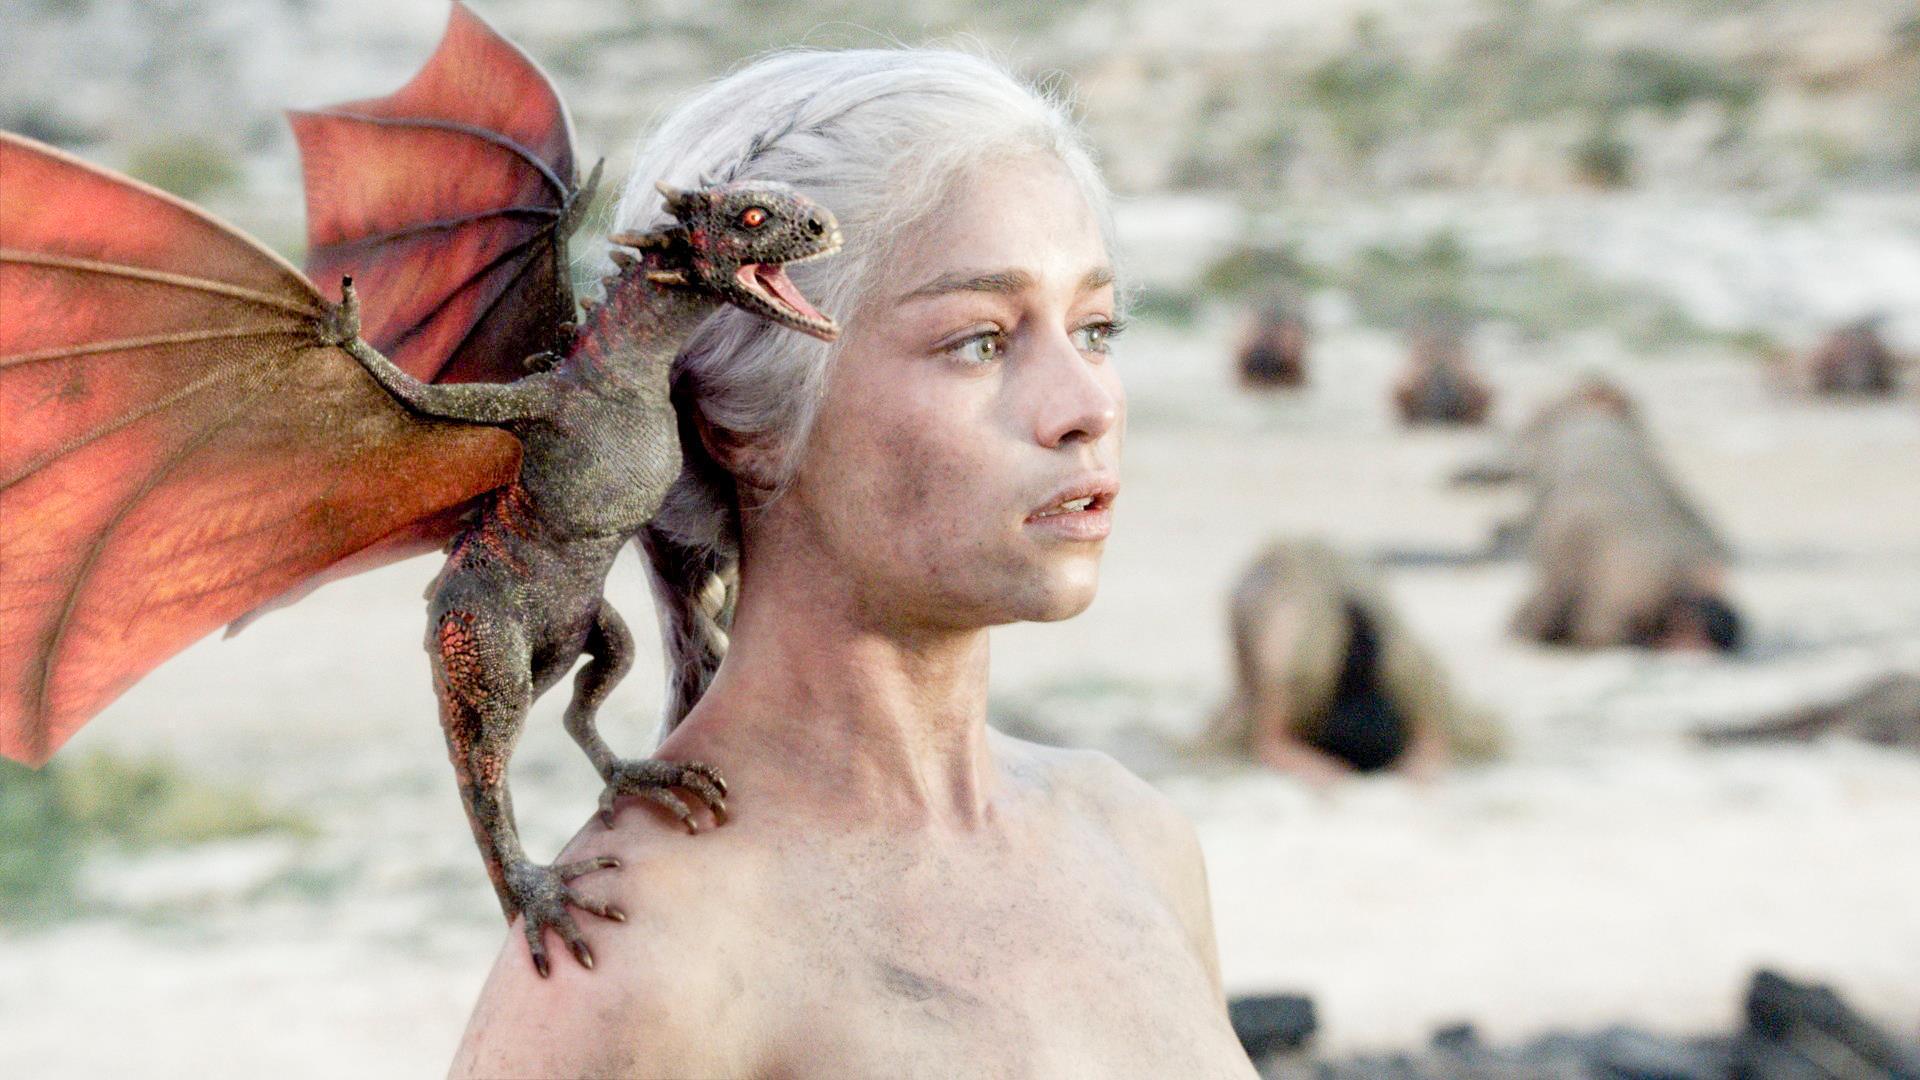 Game of Thrones Wallpaper – Daenerys Targaryen